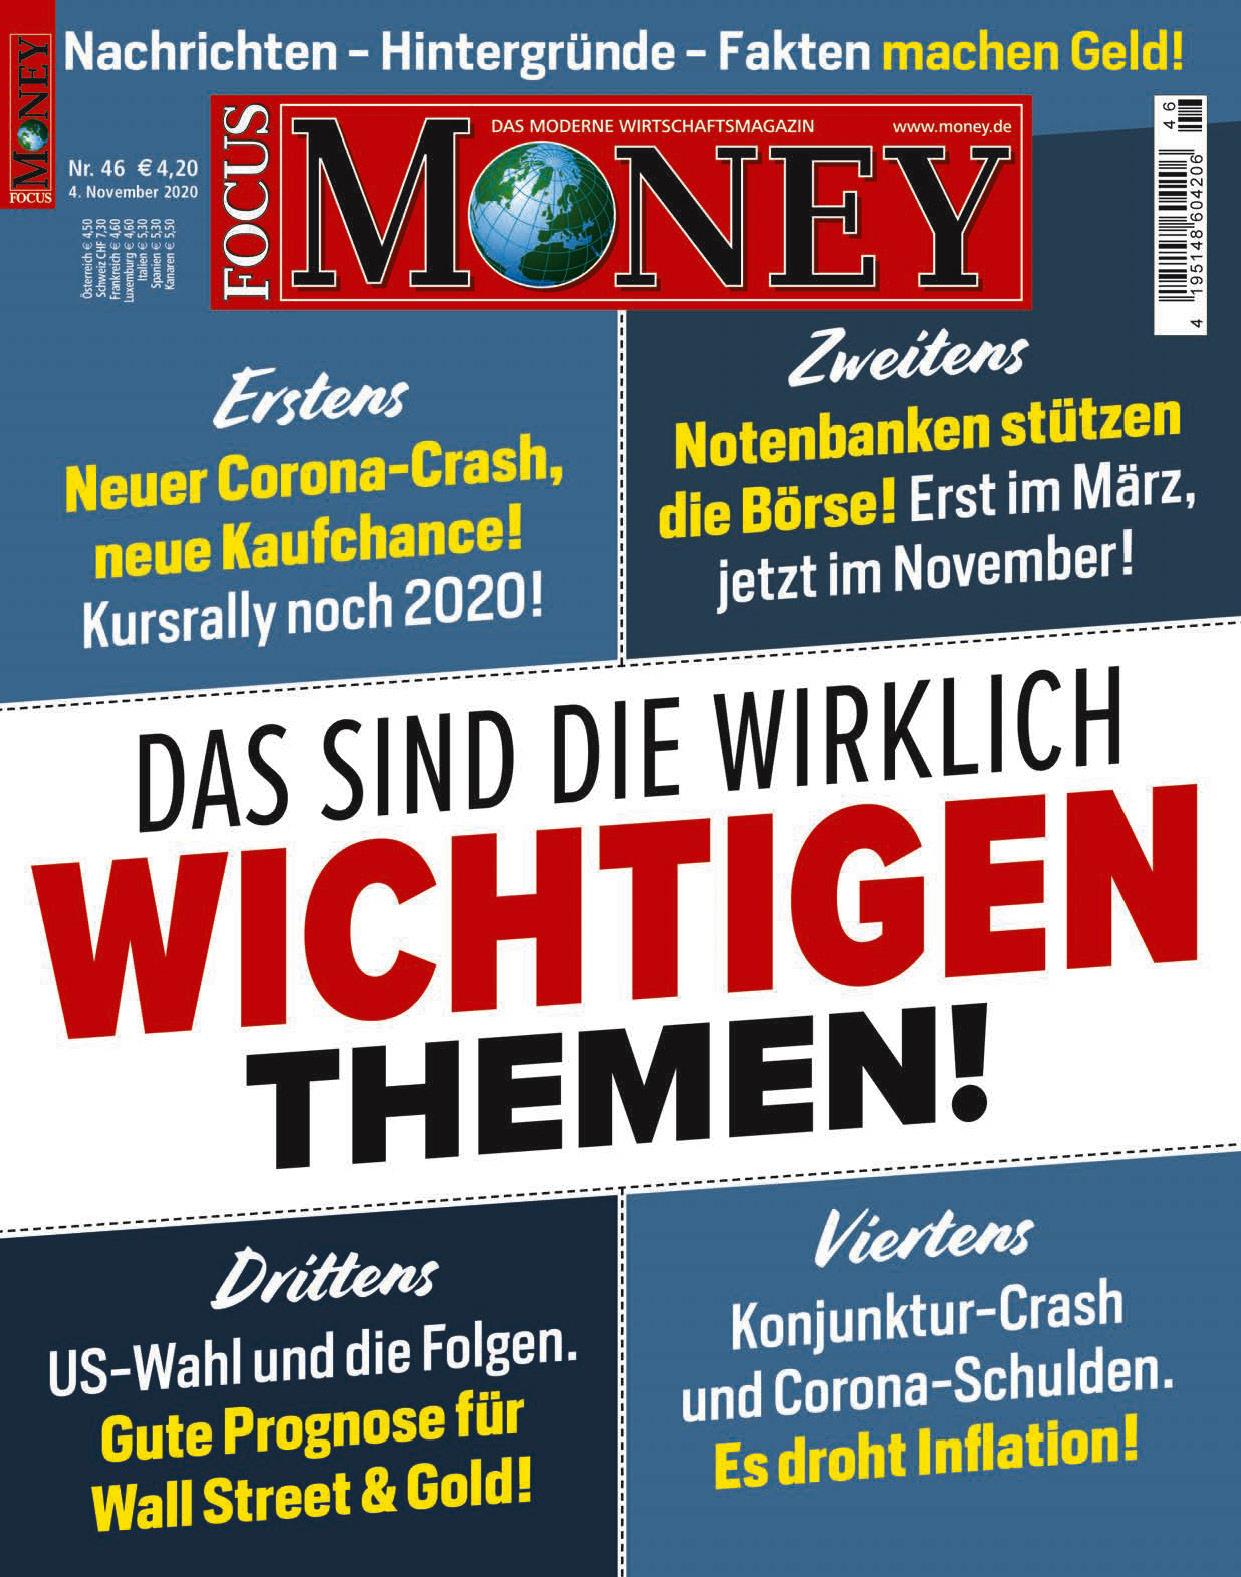 FOCUS-MONEY FOCUS MONEY – Das sind die wirklich wichtigen Themen